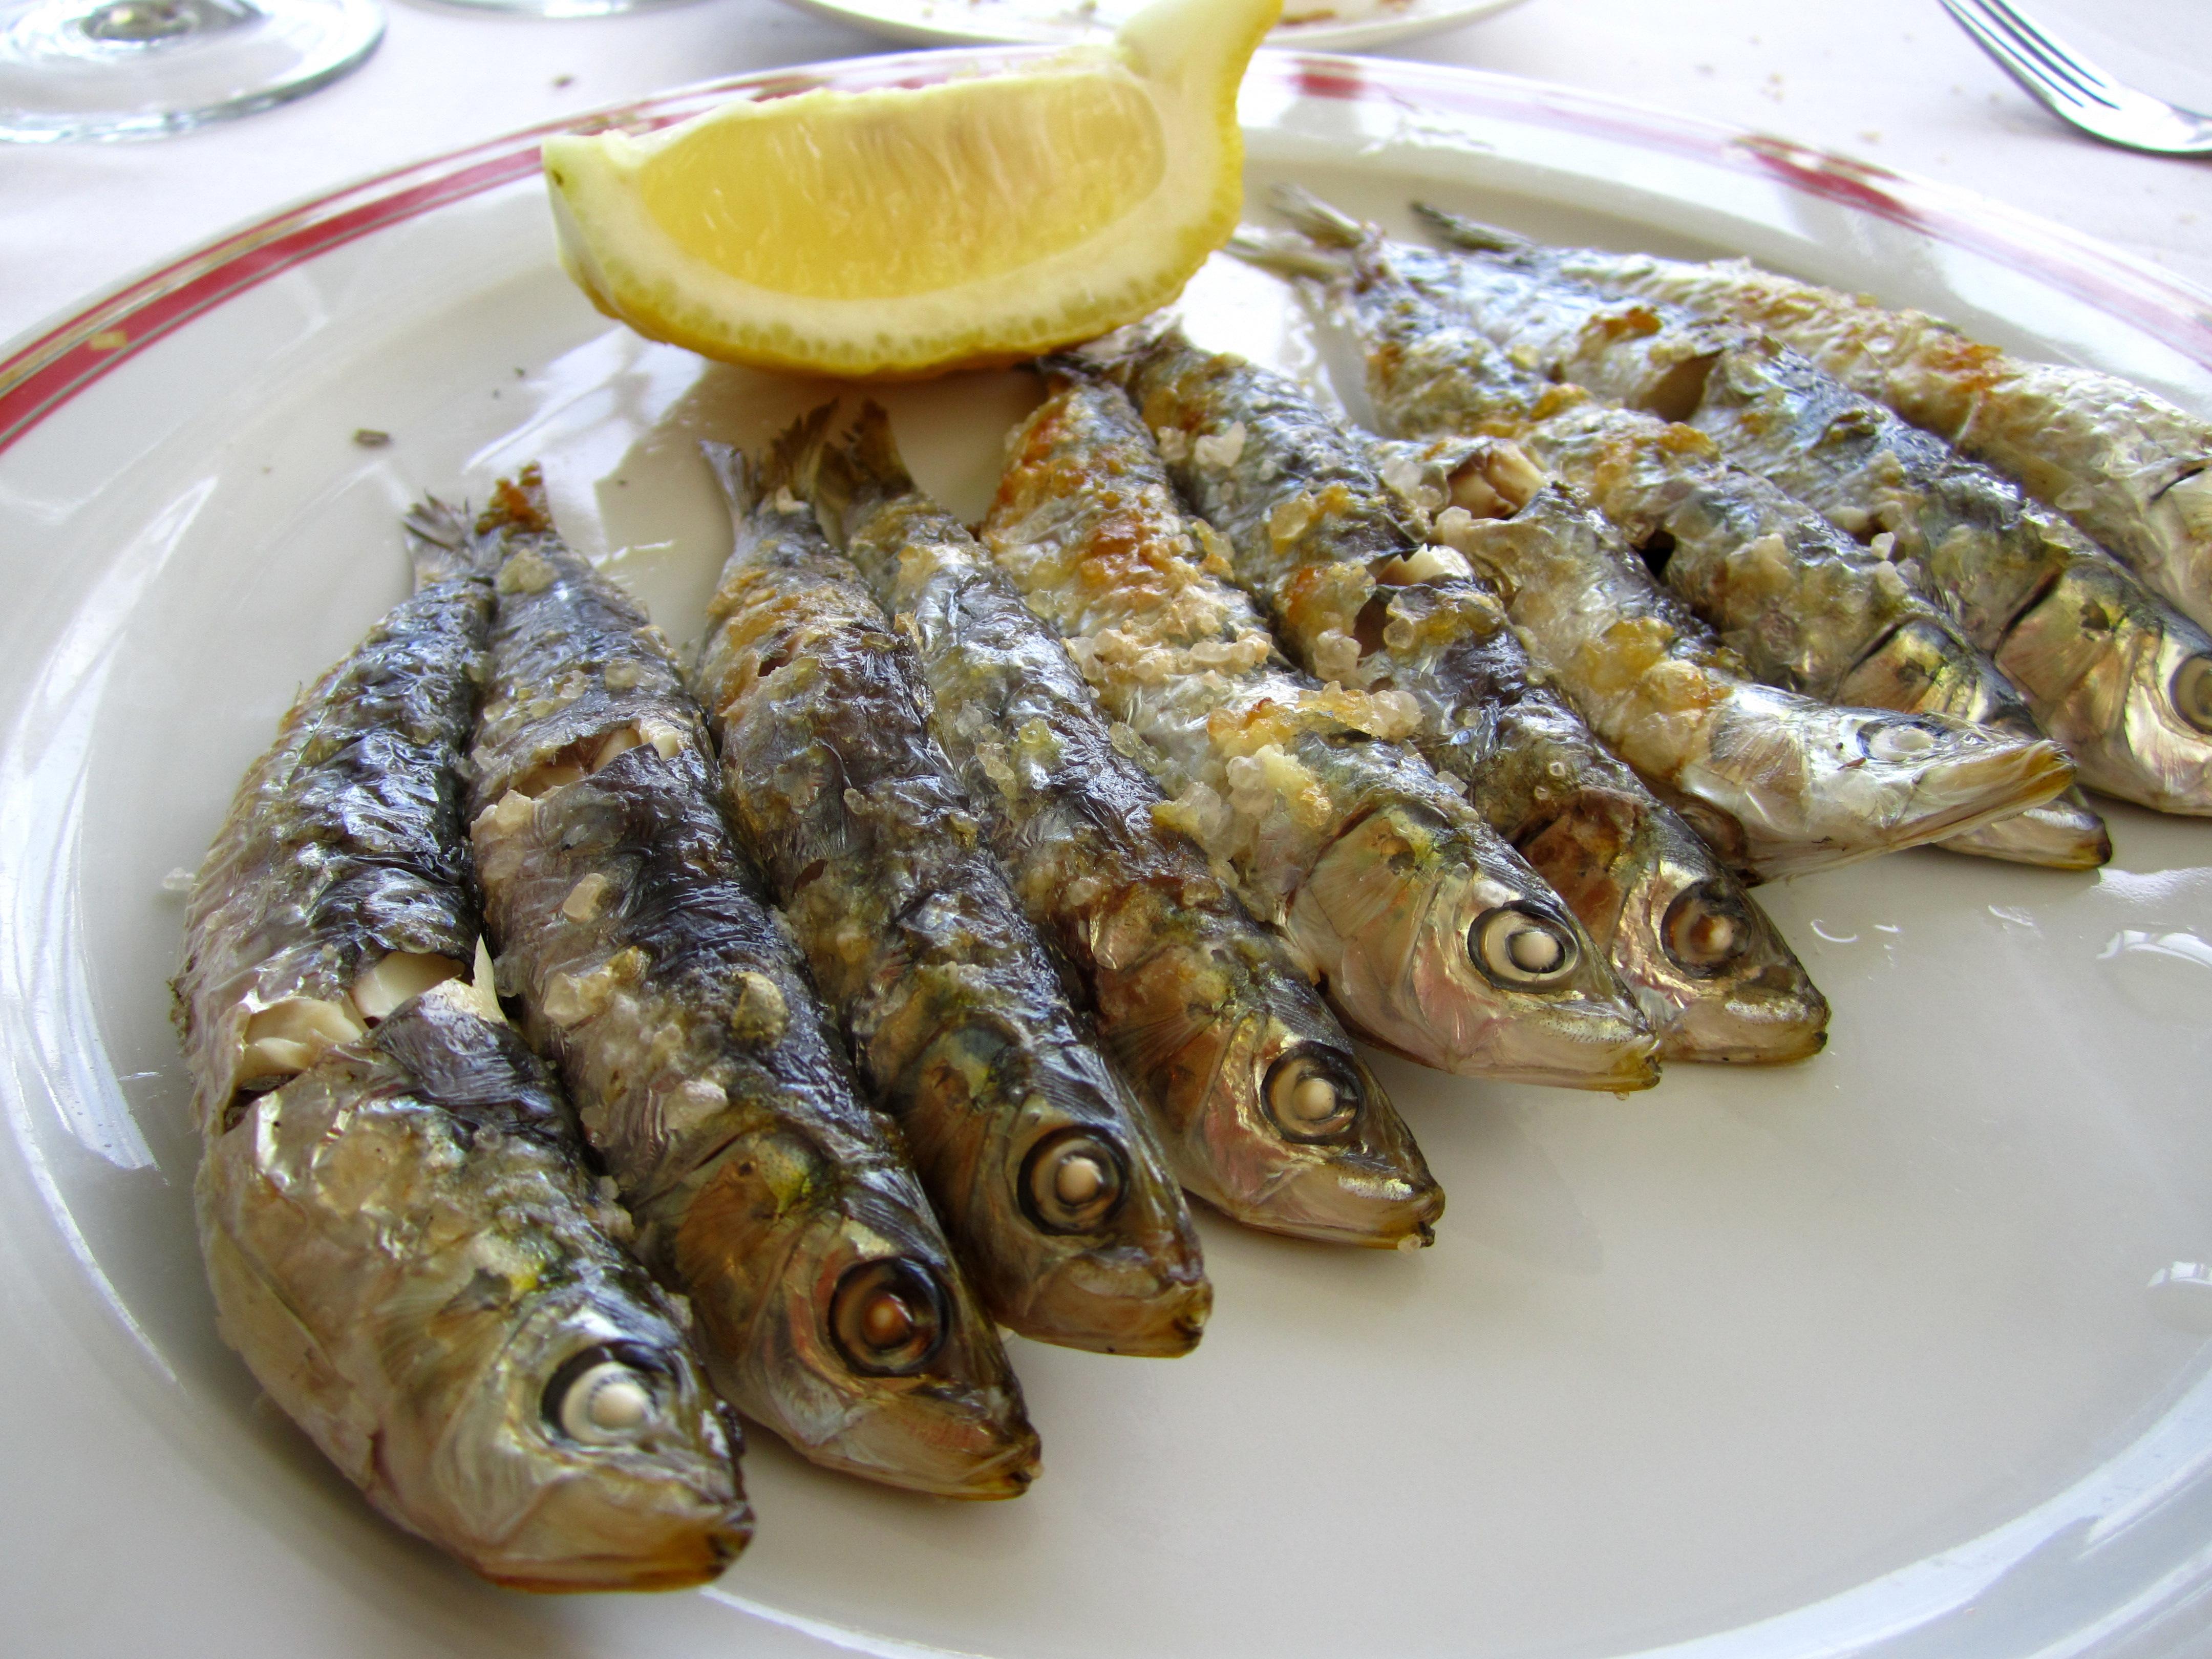 Con este pez puedes preparar muchos platos sencillos y rápidos